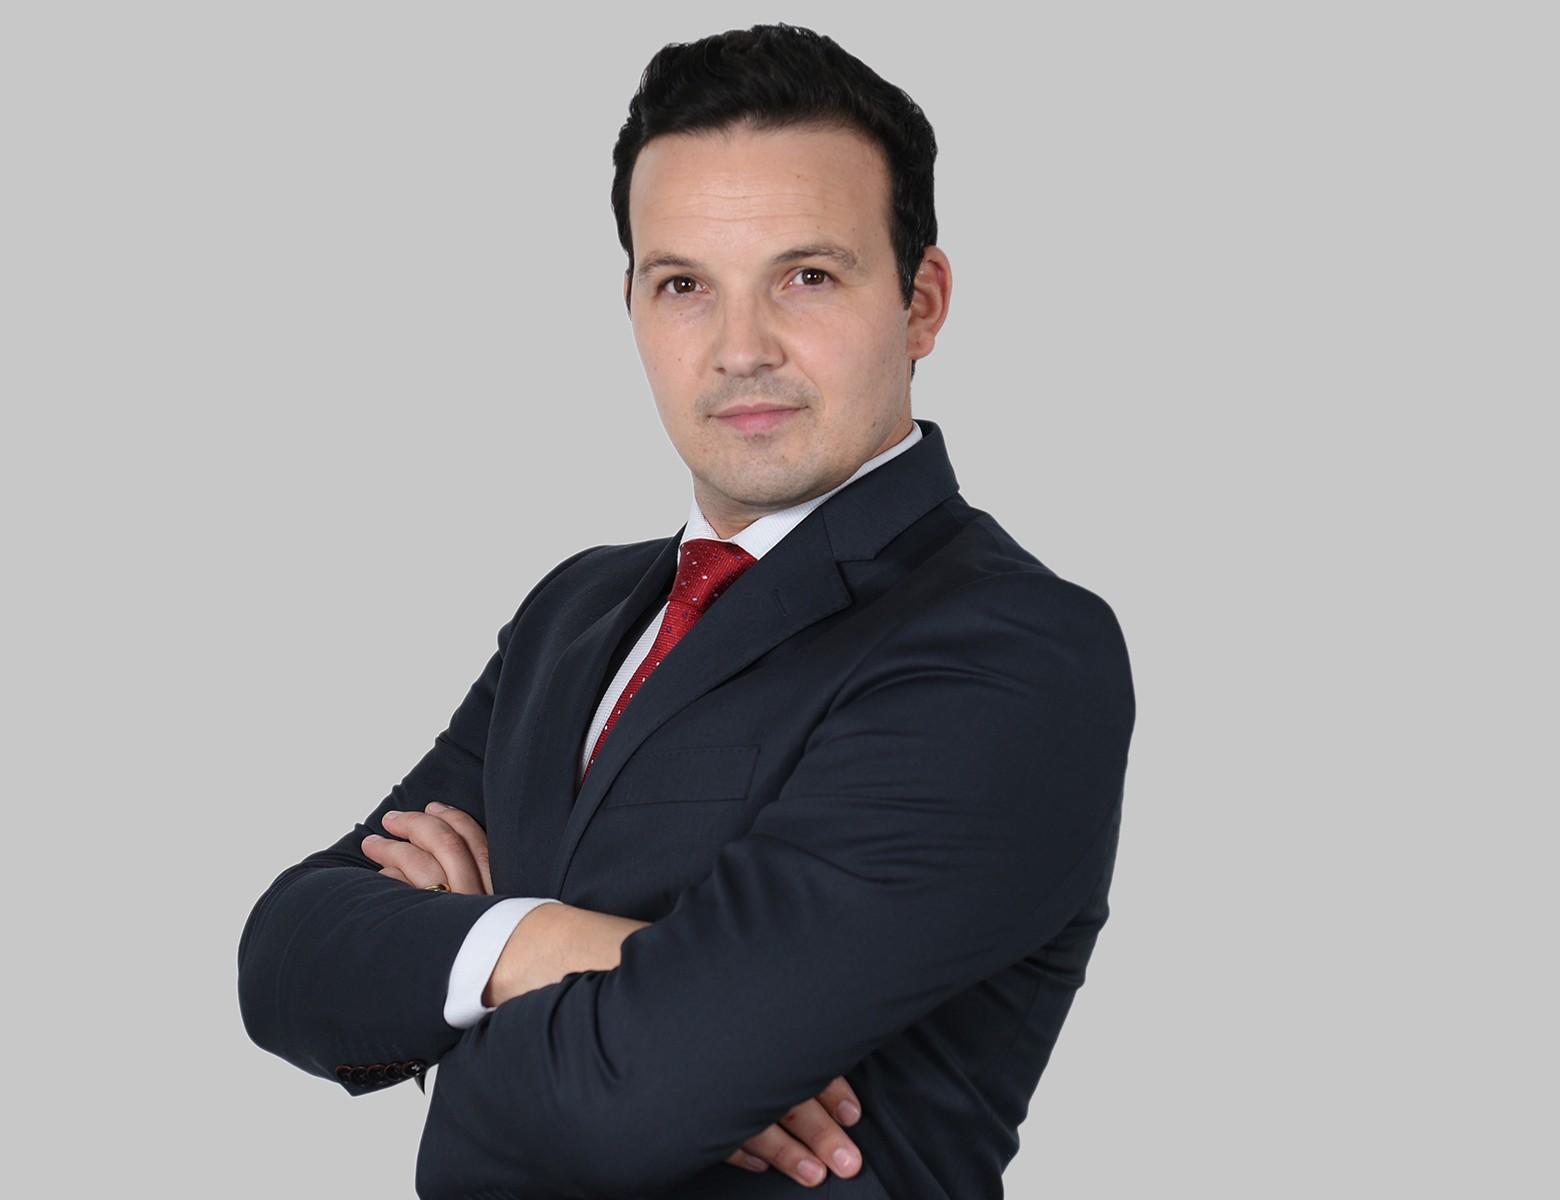 Nuno Barbosa